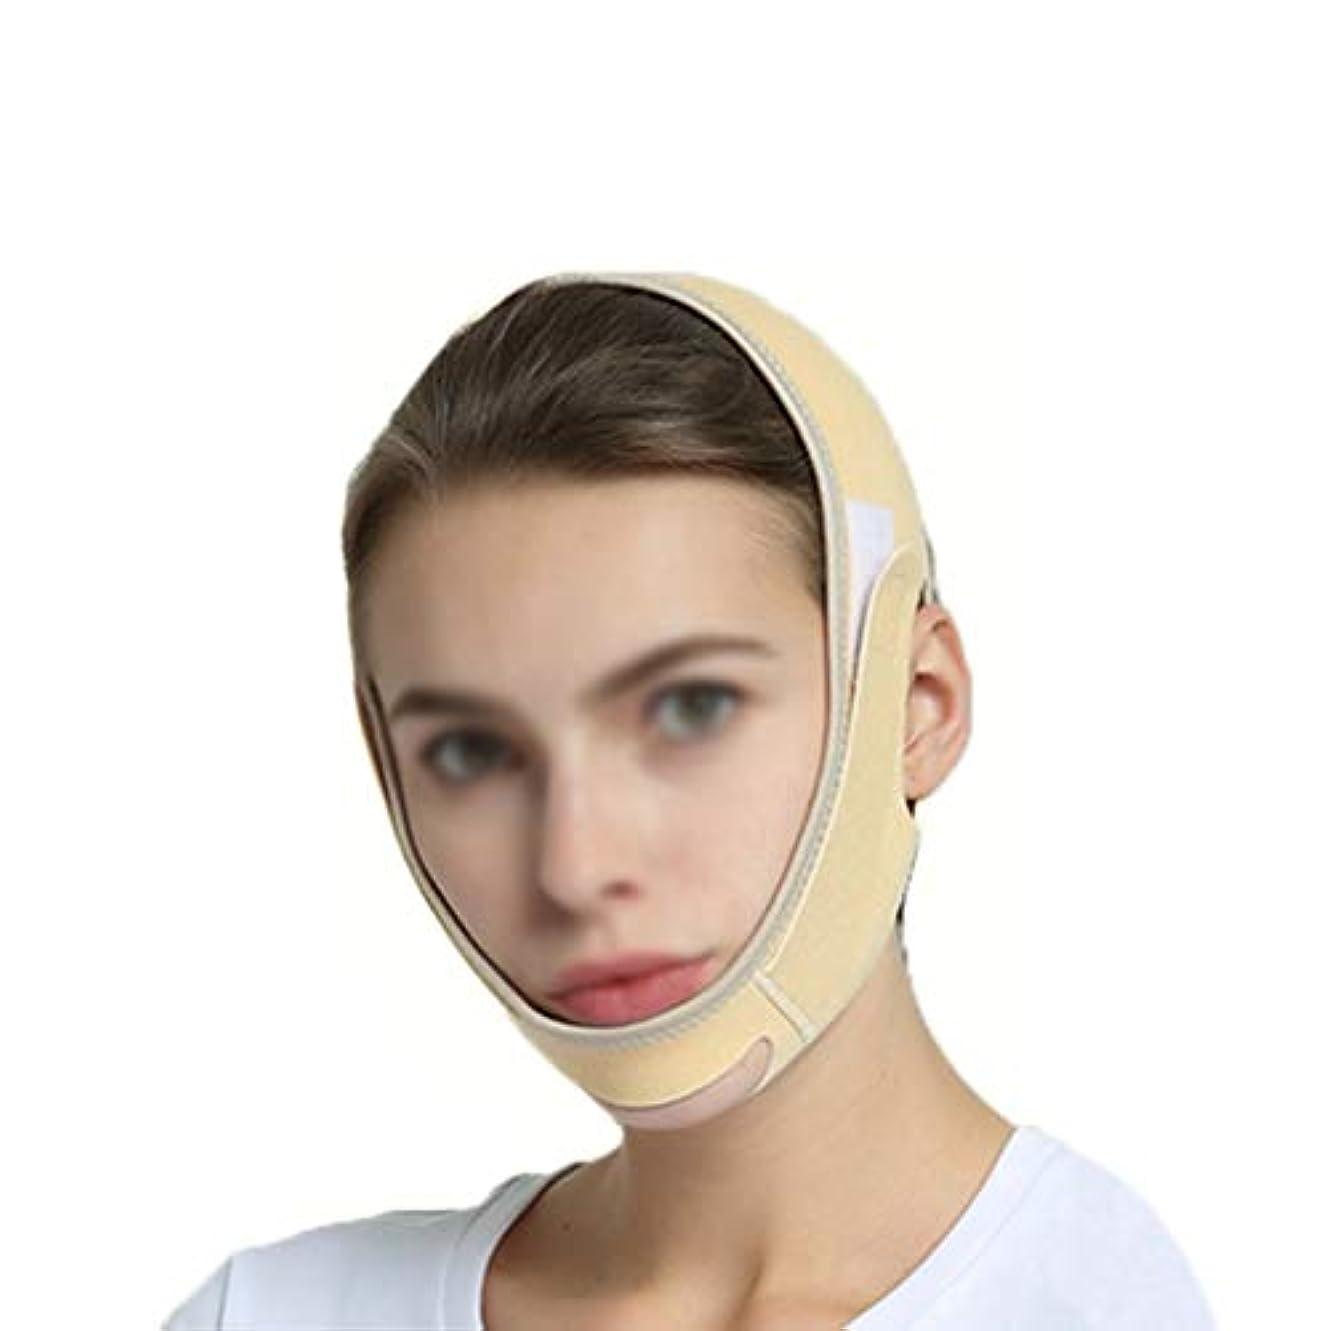 驚試みスクリュー薄い顔で眠り、ラインカービング後に包帯を復元し、薄いダブルチンがマスクマスクを持ち上げ、2つのスタイルから選択できます (Color : B)